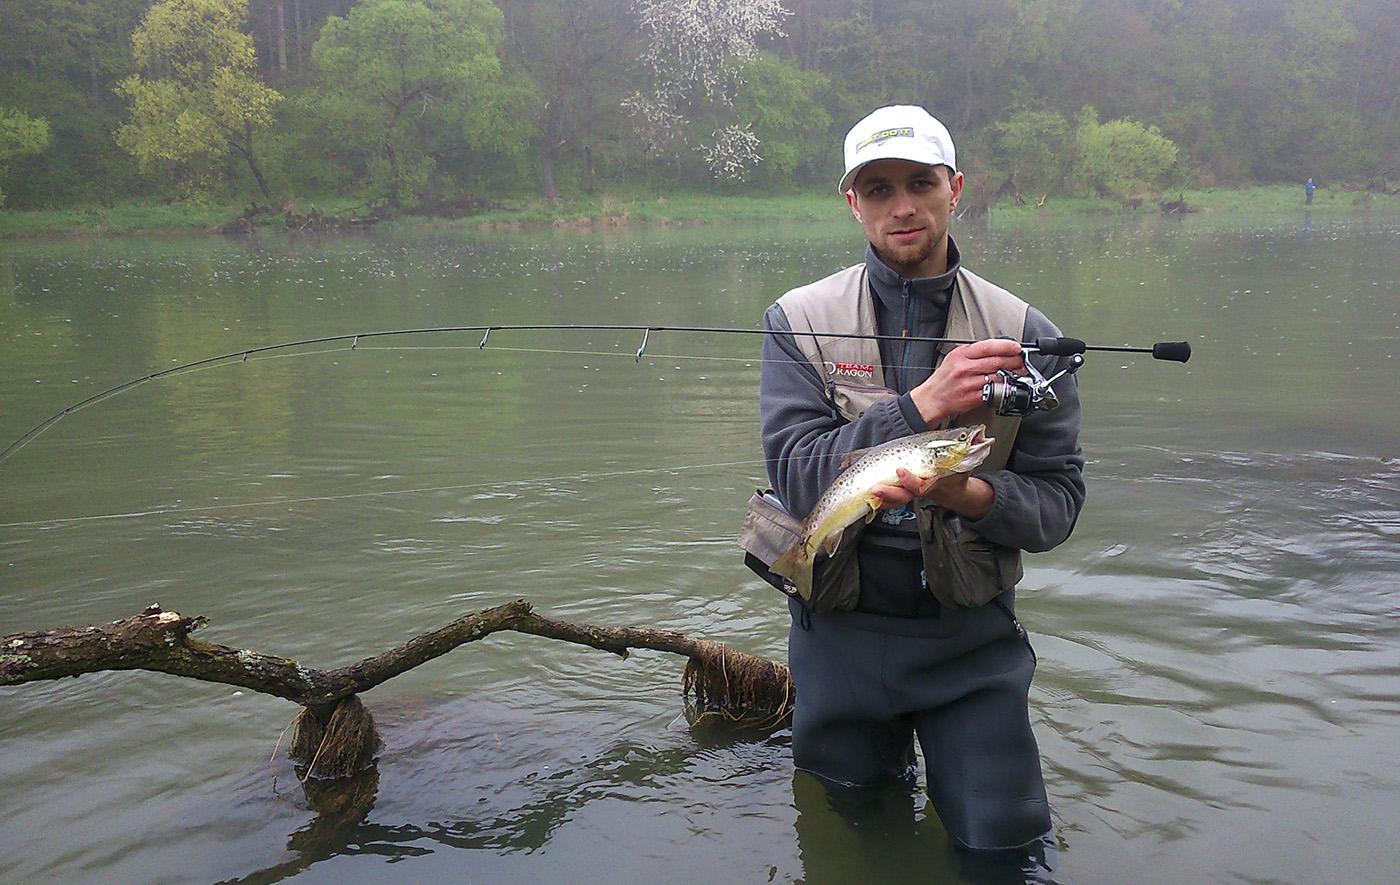 Łowienie pstrągów tym kijem daje sporo frajdy